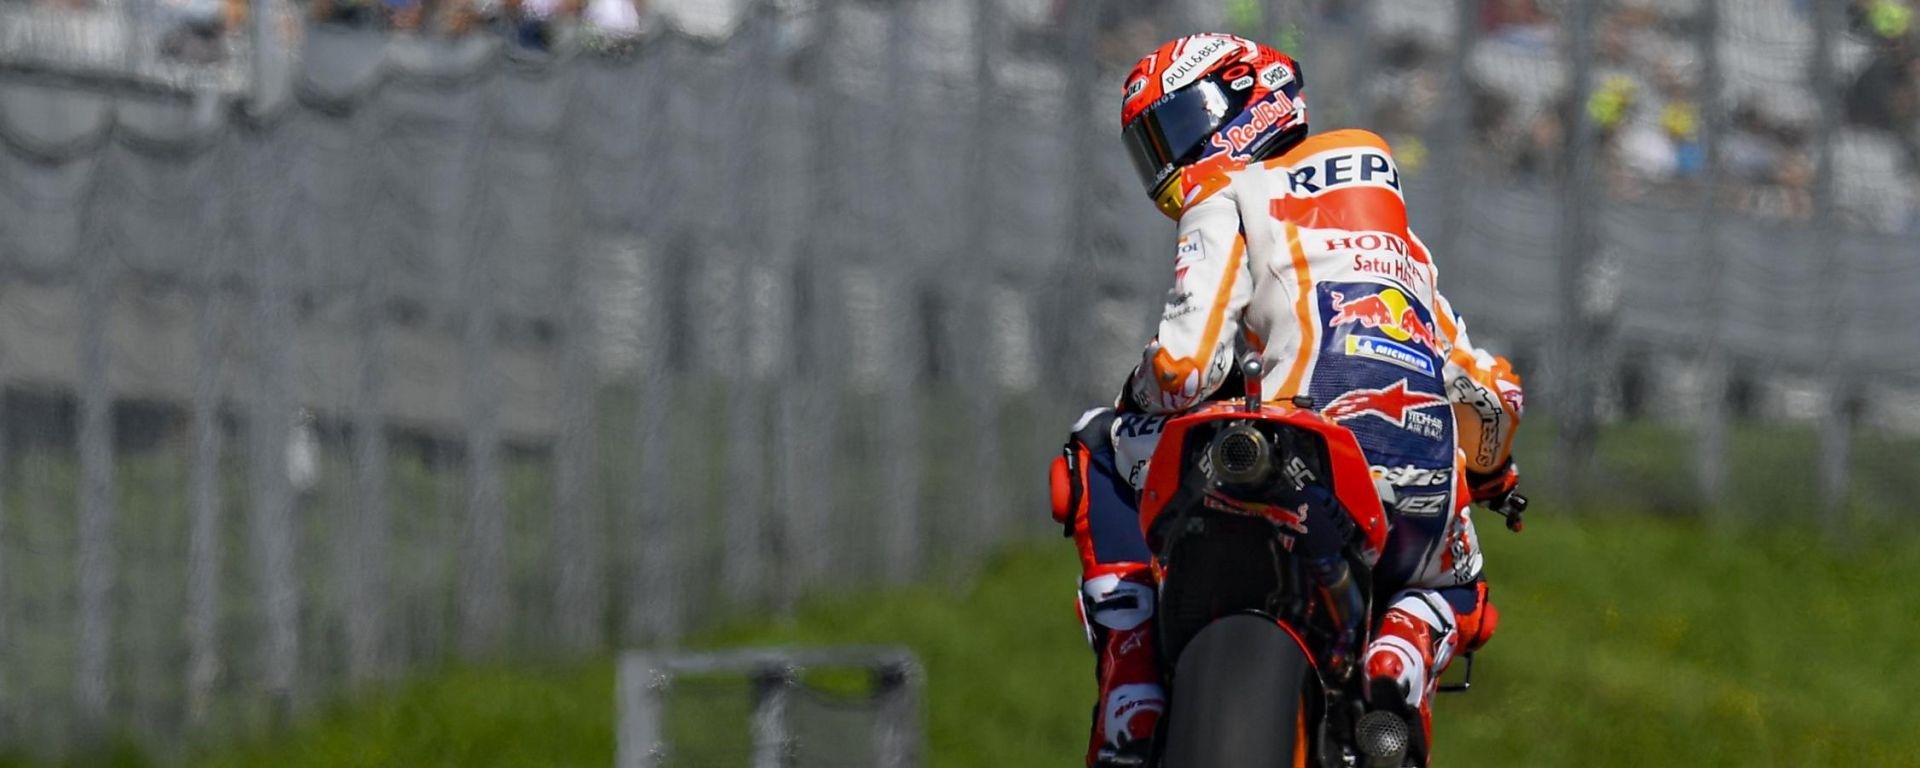 MotoGP Austria 2019, Marc Marquez (Honda)